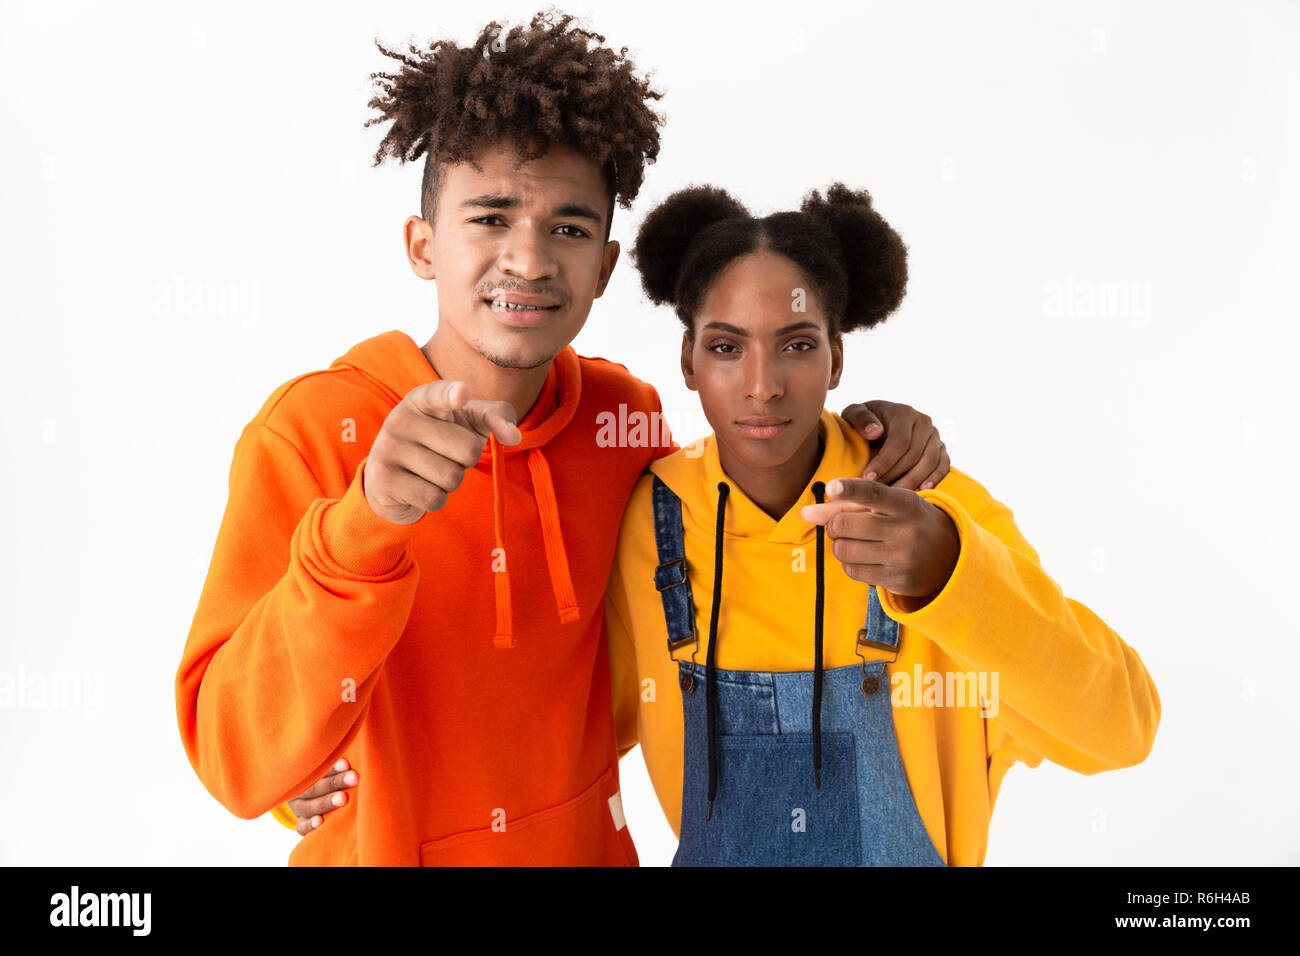 8125782af1 Imagen de hombre y mujer afroamericana en la colorida ropa dedo señalador  en usted aislado sobre